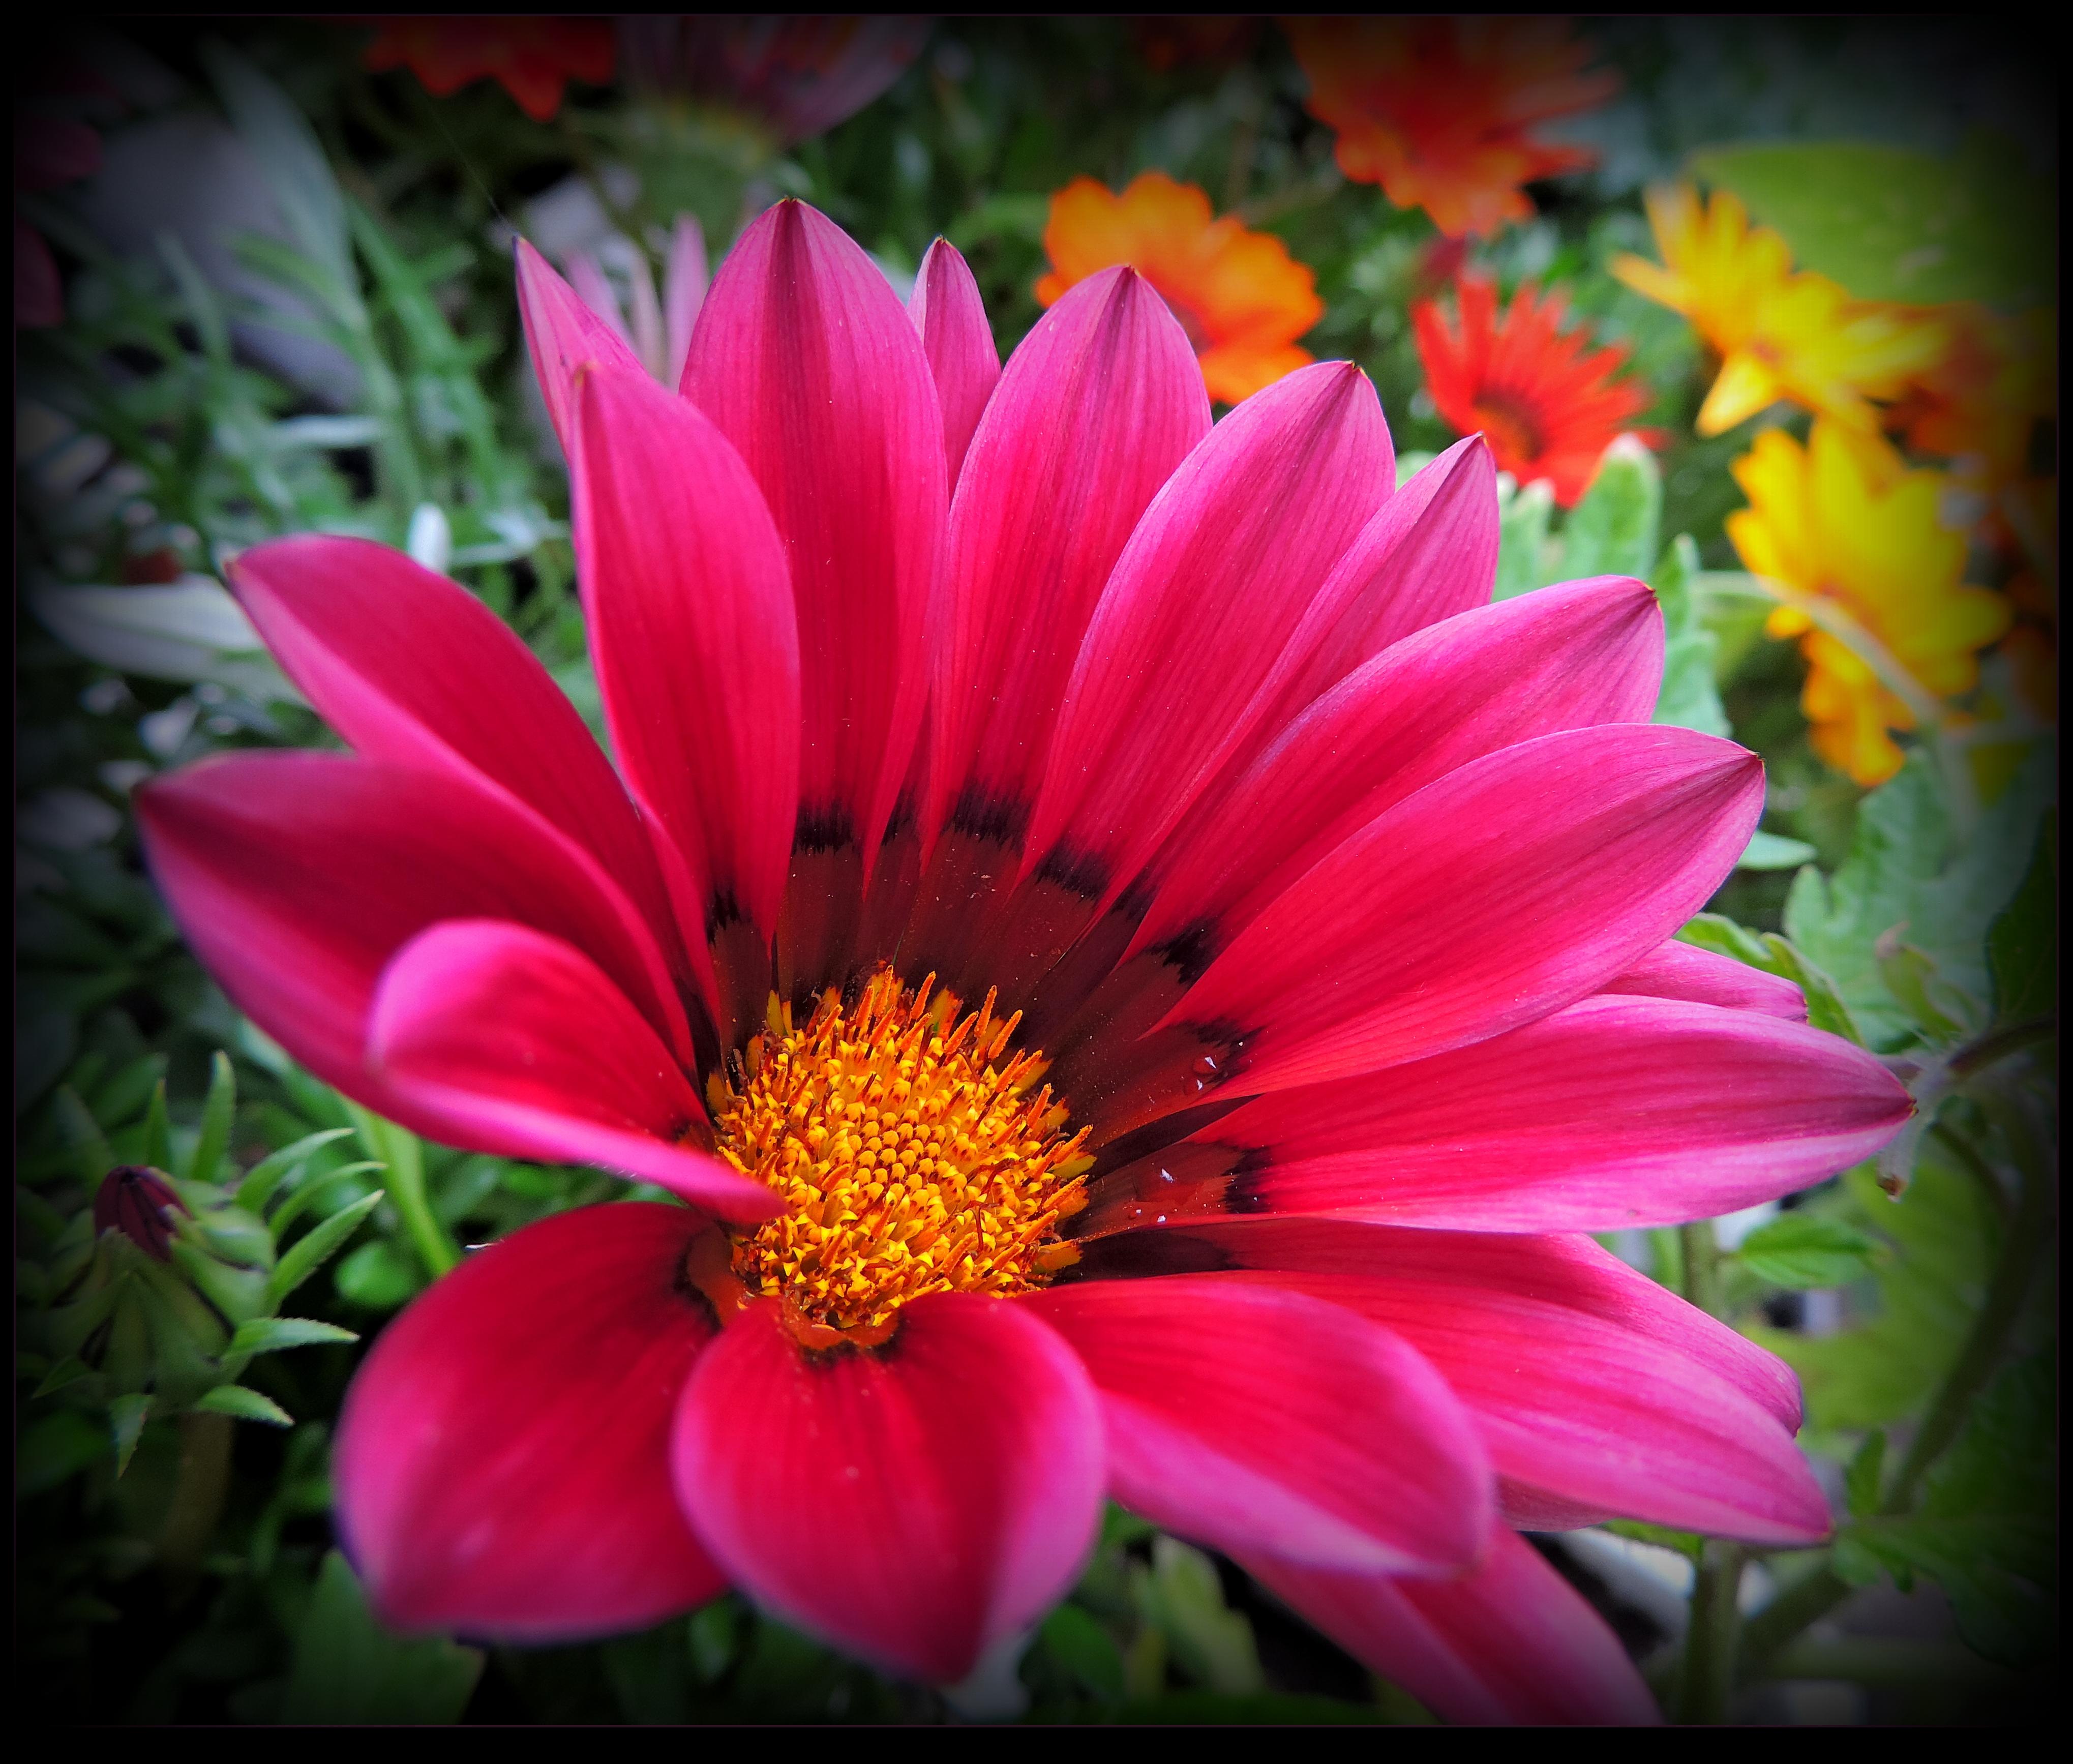 A Flower for Lili by JocelyneR on DeviantArt